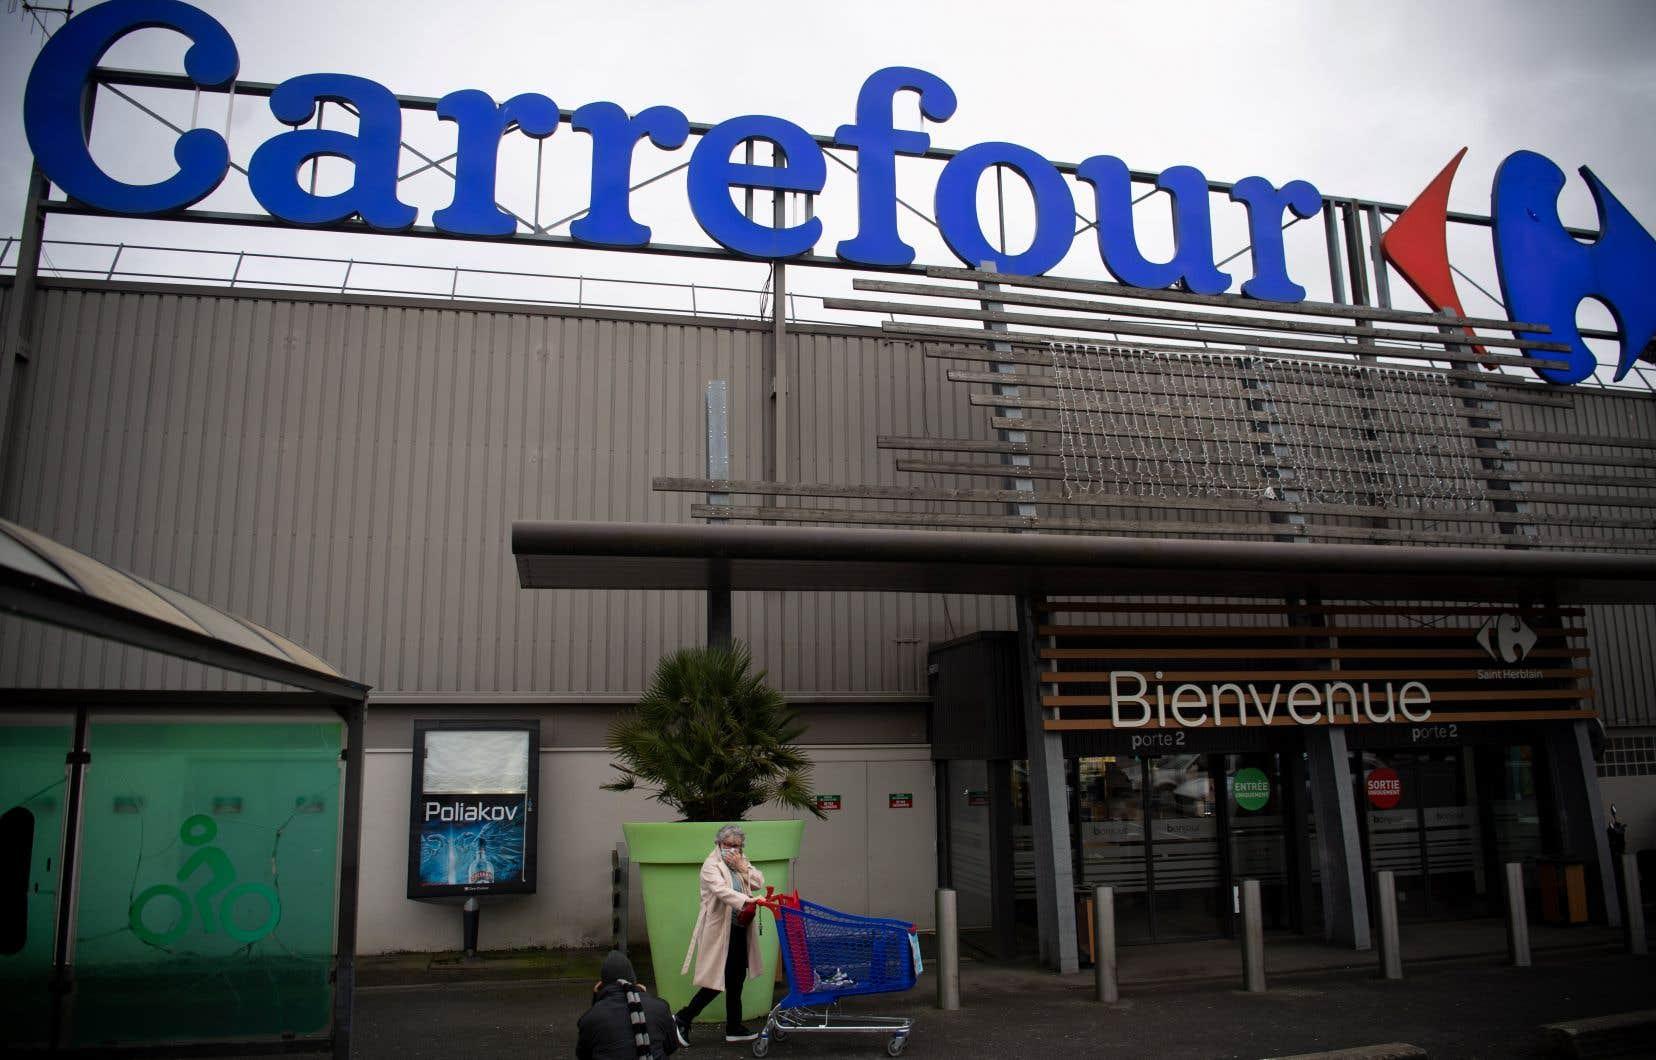 Carrefour, qui est le premier employeur privé en France, représente près de 20% de la distribution alimentaire du pays.